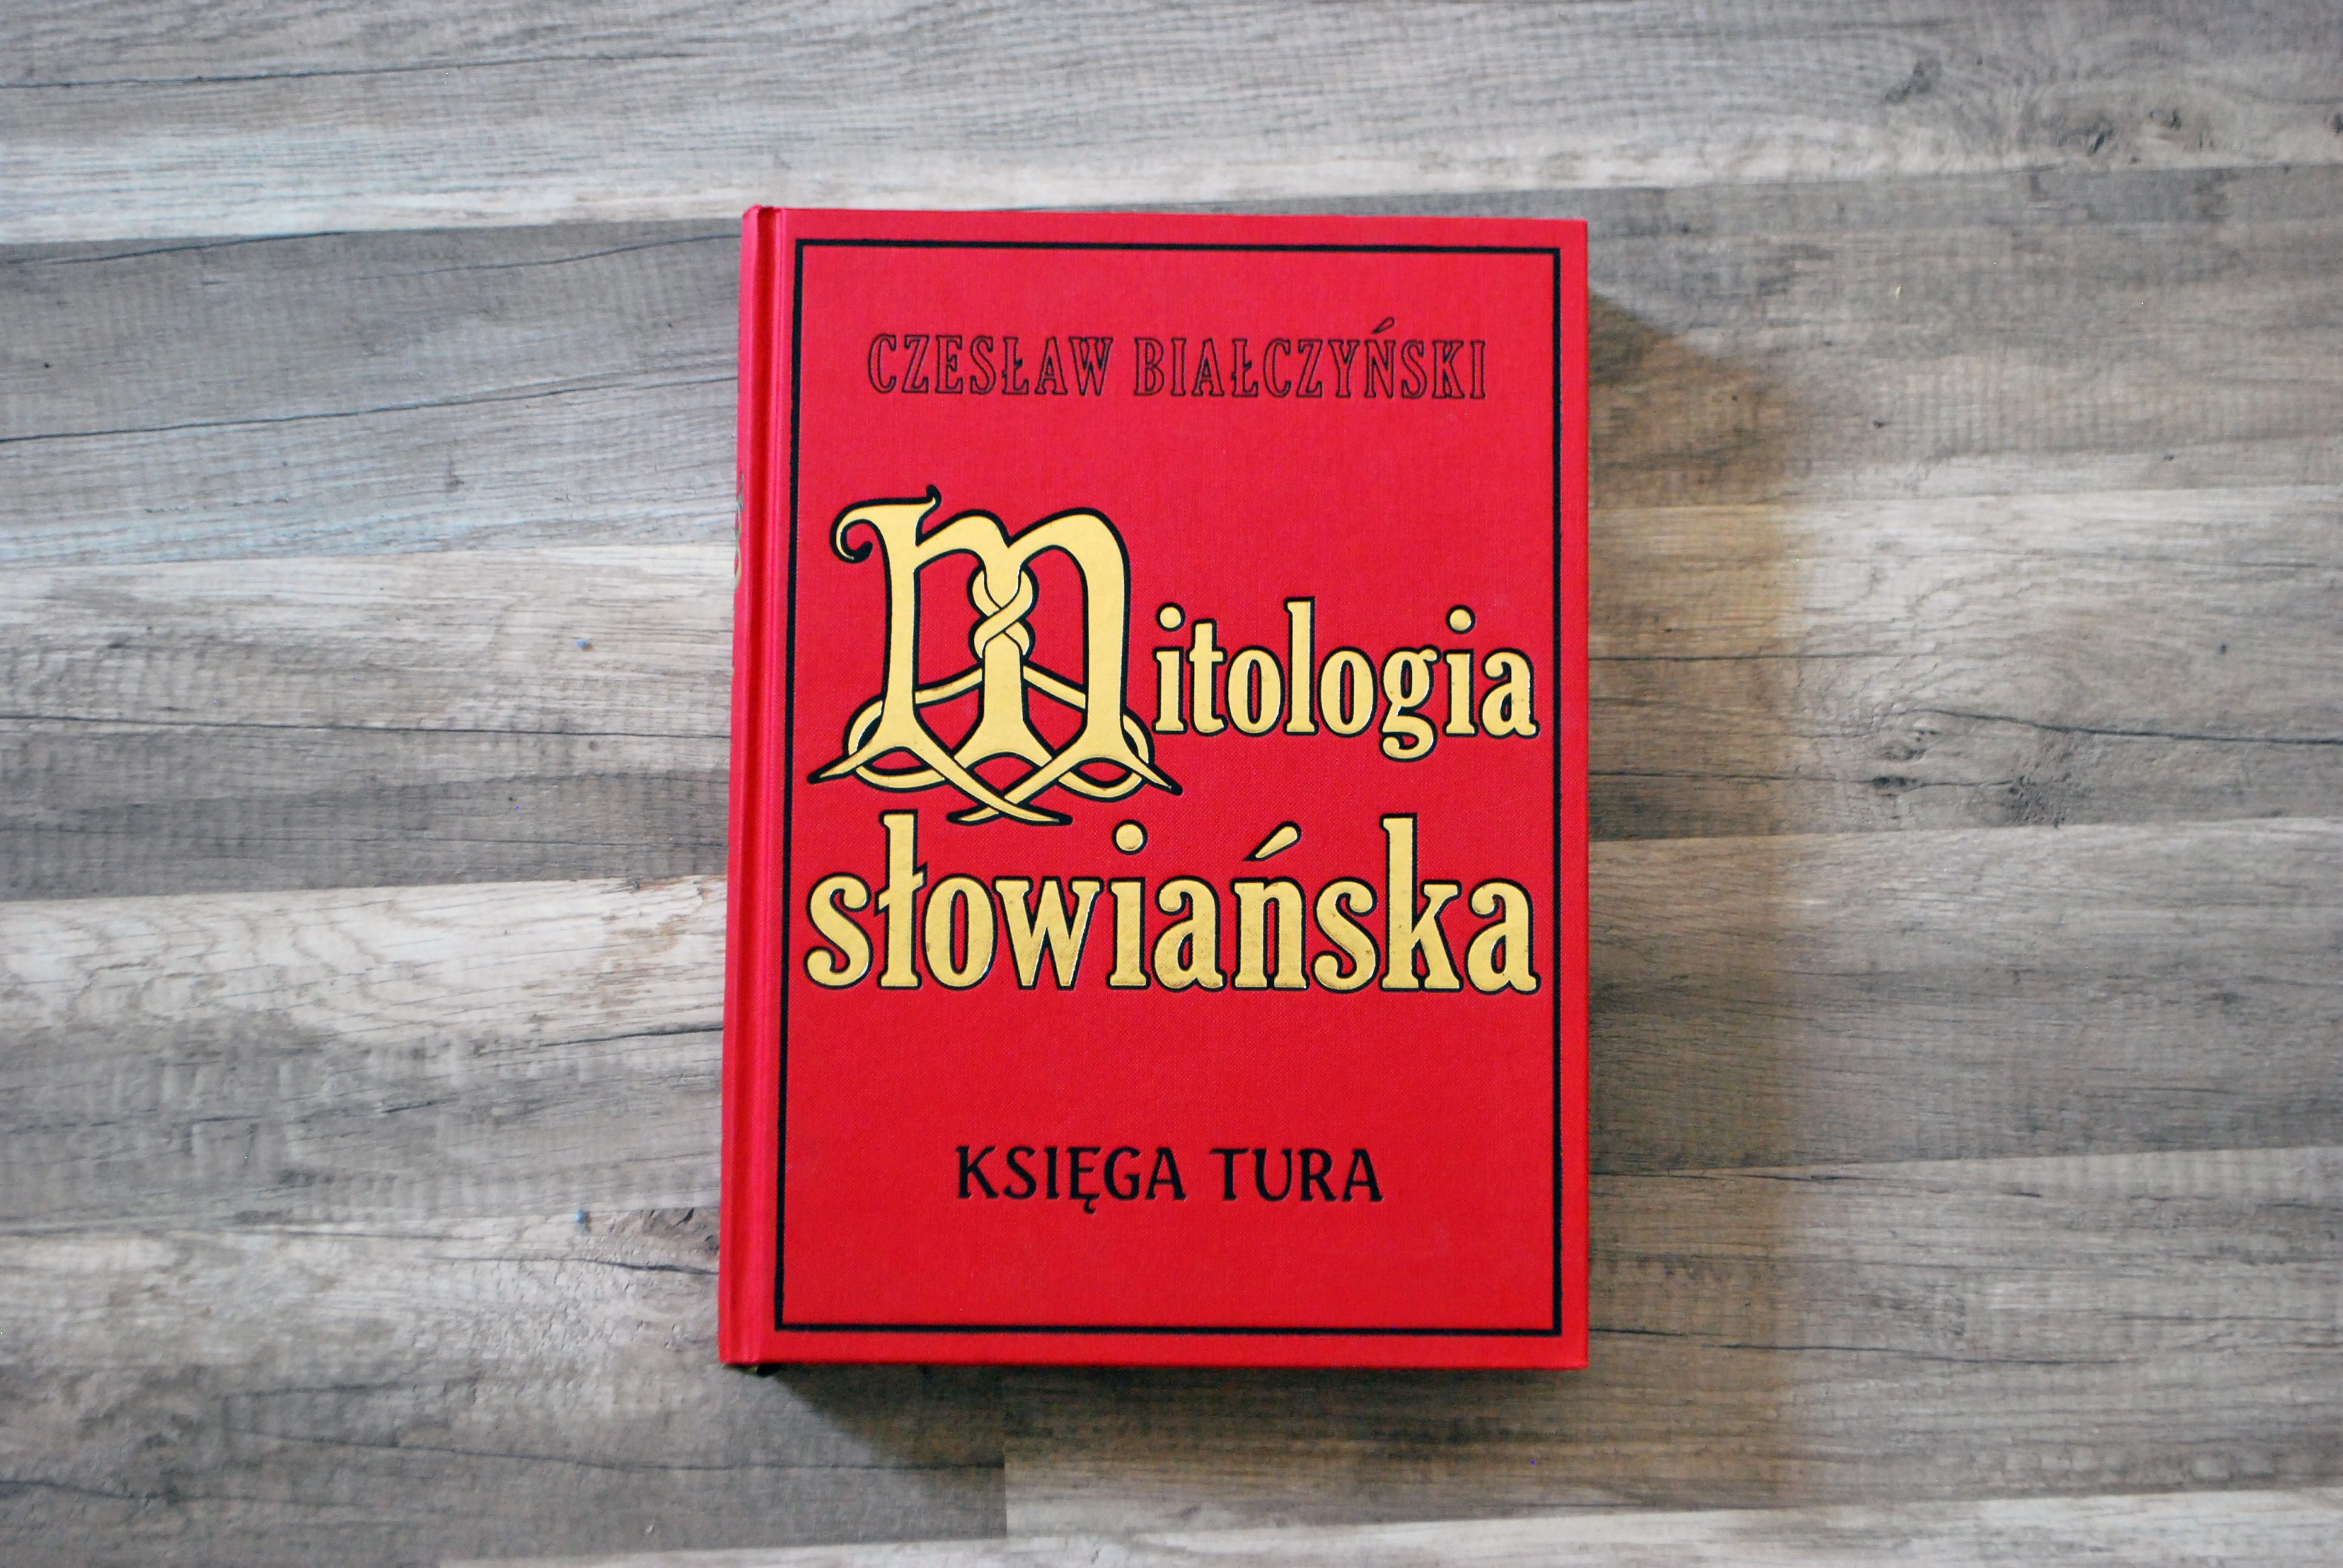 3-marcin-oczkowski-okiart-bialczynski-mitologia-slowianska5